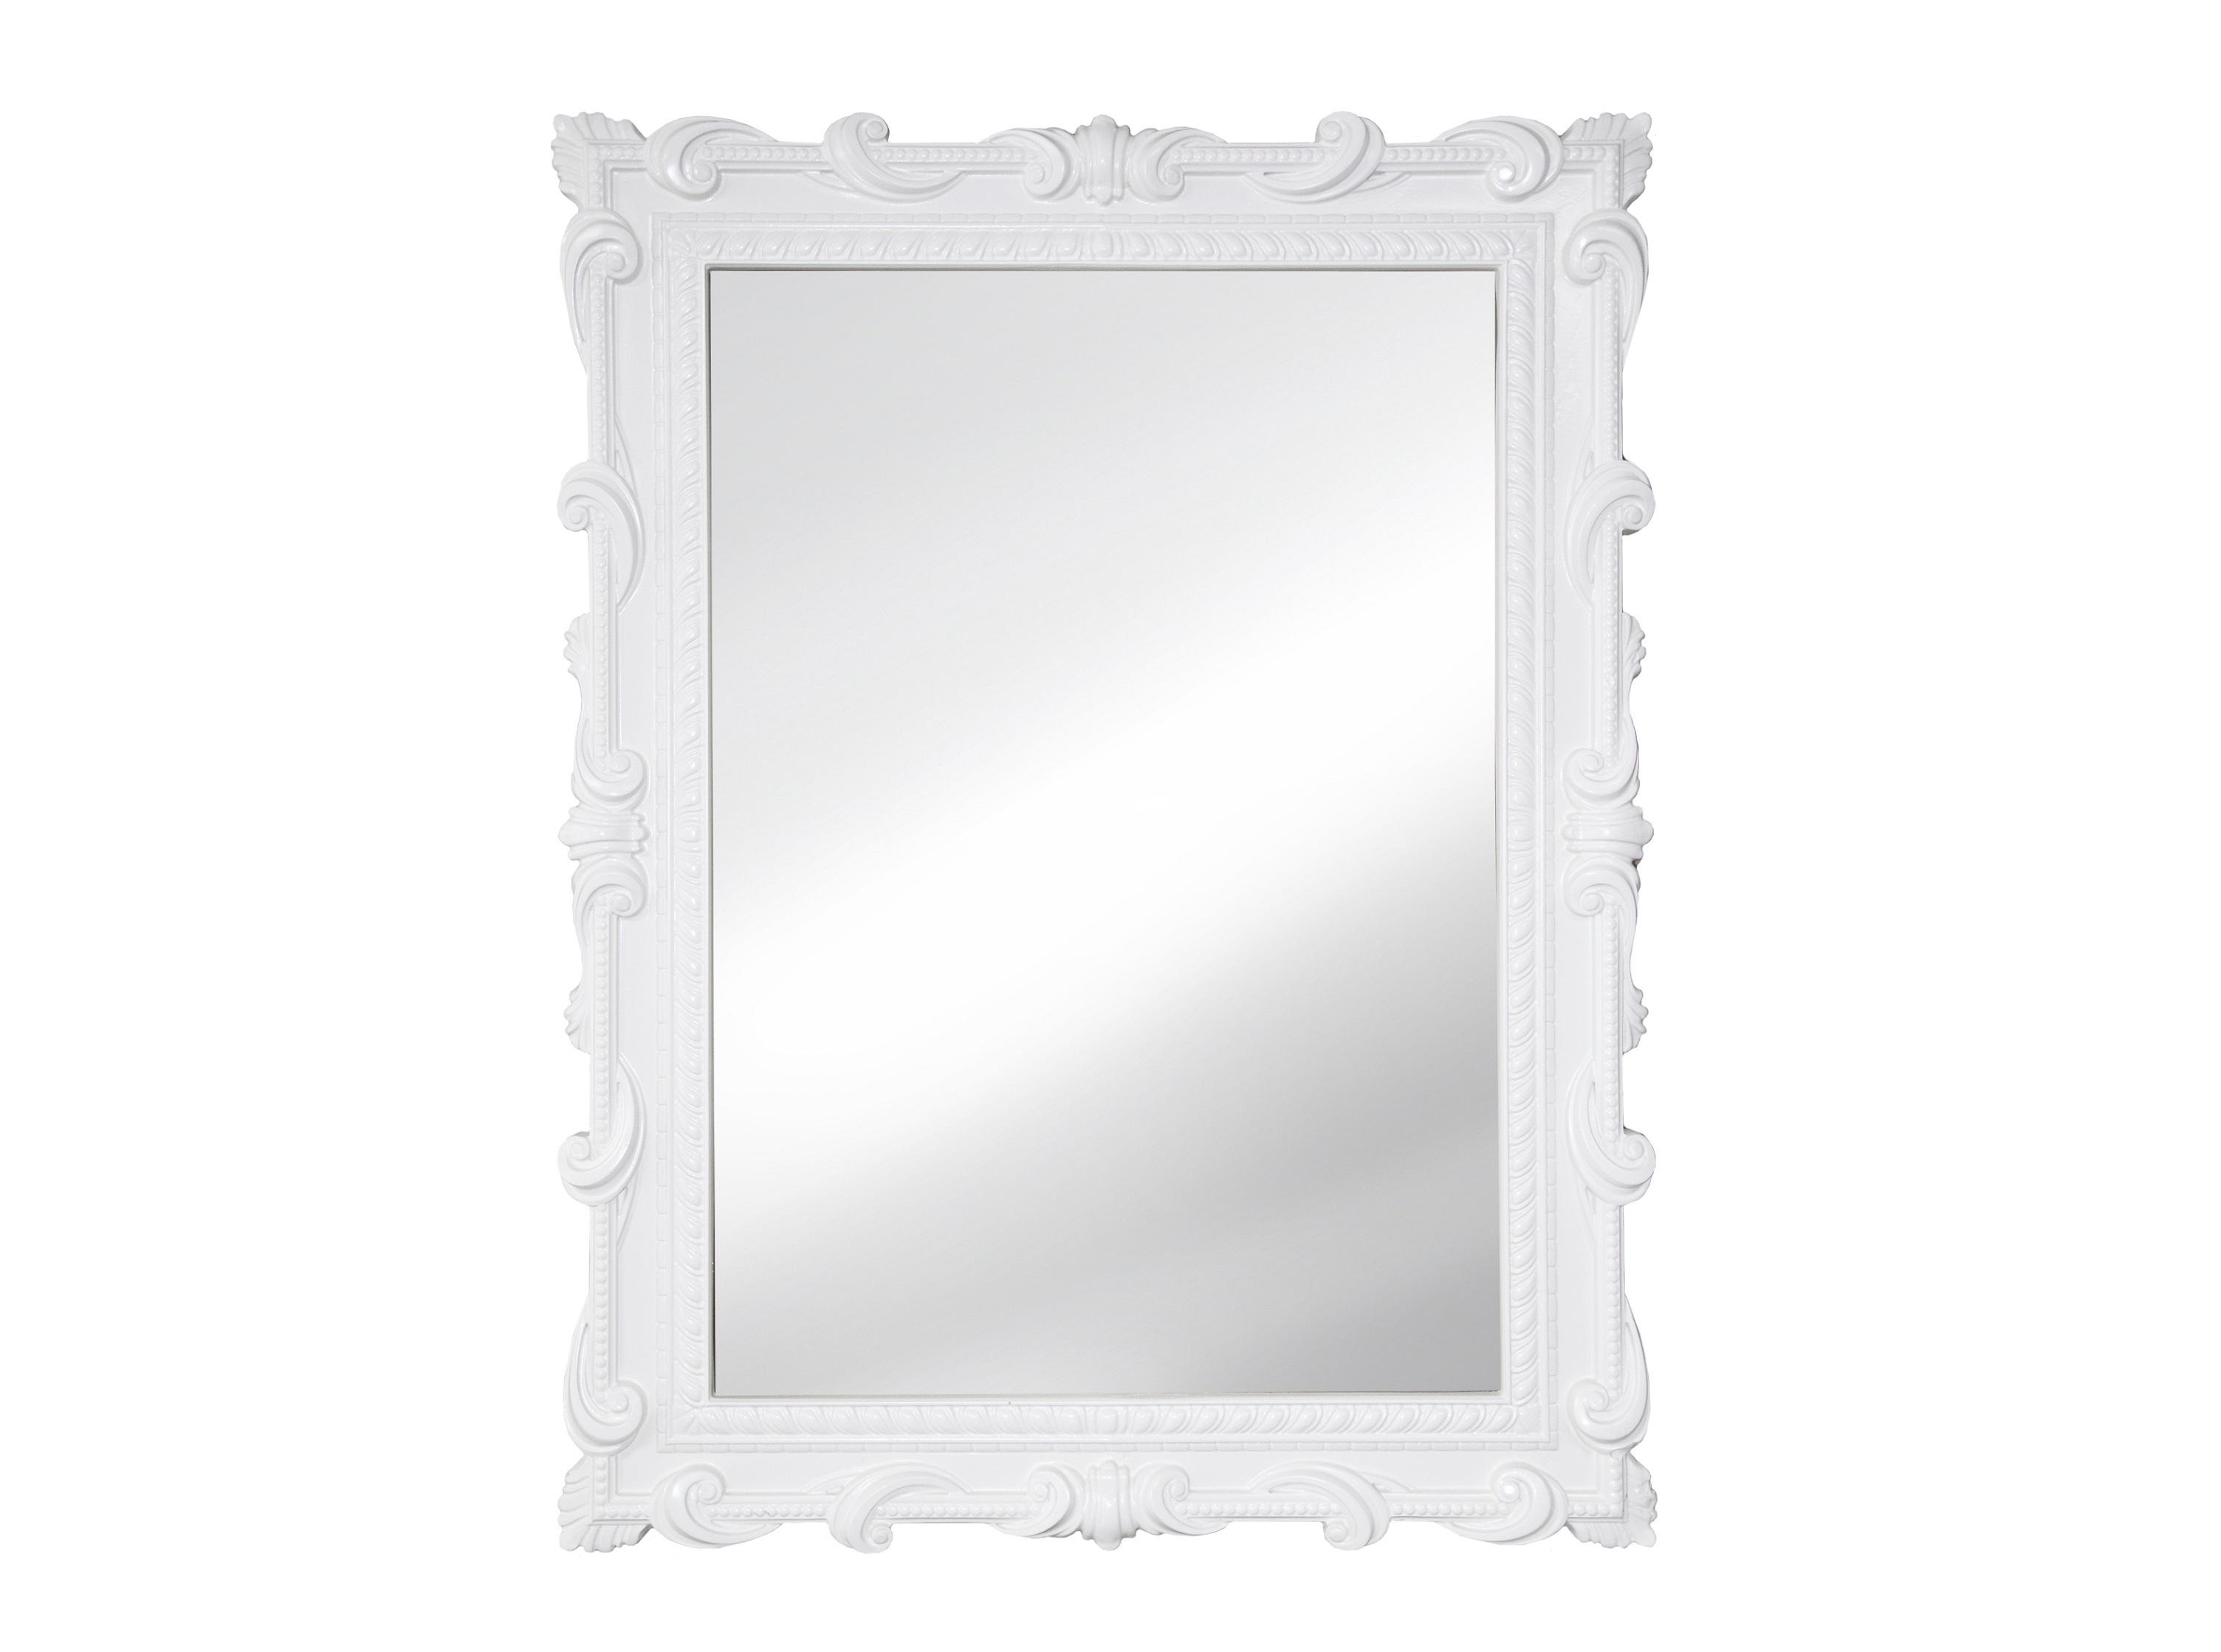 Зеркало ТЕНИАНастенные зеркала<br>&amp;lt;div&amp;gt;Прямоугольное зеркало неповторимый и изысканный аксессуар интерьера. Классический стиль образует слияние богатства и простоты, лаконичности и изыска формы. Классические зеркала рассчитаны на спокойных и консервативных людей. Декорирование рам – это индивидуальная ручная работа, вся цветовая гамма разработана декоратором с учетом сбалансированных цветов.Все изделия произведены из высококачественного мебельного пенополиуретана. Мебельный пенополиуретан (ППУ) является одним из самых распространенных современных материалов для производства мебели и мебельного декора. Формовочный мебельный пенополиуретан ППУ - это высокотехнологичный экологический чистый материал, отличающийся повышенной износостойкостью и долговечностью.&amp;amp;nbsp;&amp;lt;/div&amp;gt;&amp;lt;div&amp;gt;&amp;lt;br&amp;gt;&amp;lt;/div&amp;gt;&amp;lt;div&amp;gt;Основные особенности ППУ: Безопасен для здоровья, не содержит вещества вызывающие аллергию, долговечность, надежность, жесткость, влагостойкость. Все декоративные красители - грунты, эмали, воски обладают высокой стойкостью.&amp;amp;nbsp;&amp;lt;/div&amp;gt;&amp;lt;div&amp;gt;Основное преимущество использованных материалов - это отсутствие запахов и быстрое высыхание, а также экологичность.&amp;amp;nbsp;&amp;lt;/div&amp;gt;&amp;lt;div&amp;gt;&amp;lt;br&amp;gt;&amp;lt;/div&amp;gt;&amp;lt;div&amp;gt;Рекомендации по уходу: бережная, влажная уборка.&amp;amp;nbsp;&amp;lt;/div&amp;gt;&amp;lt;div&amp;gt;Запрещается использование любых растворителей.&amp;lt;/div&amp;gt;<br><br>Material: Полиуретан<br>Length см: None<br>Width см: 72<br>Depth см: 4<br>Height см: 94